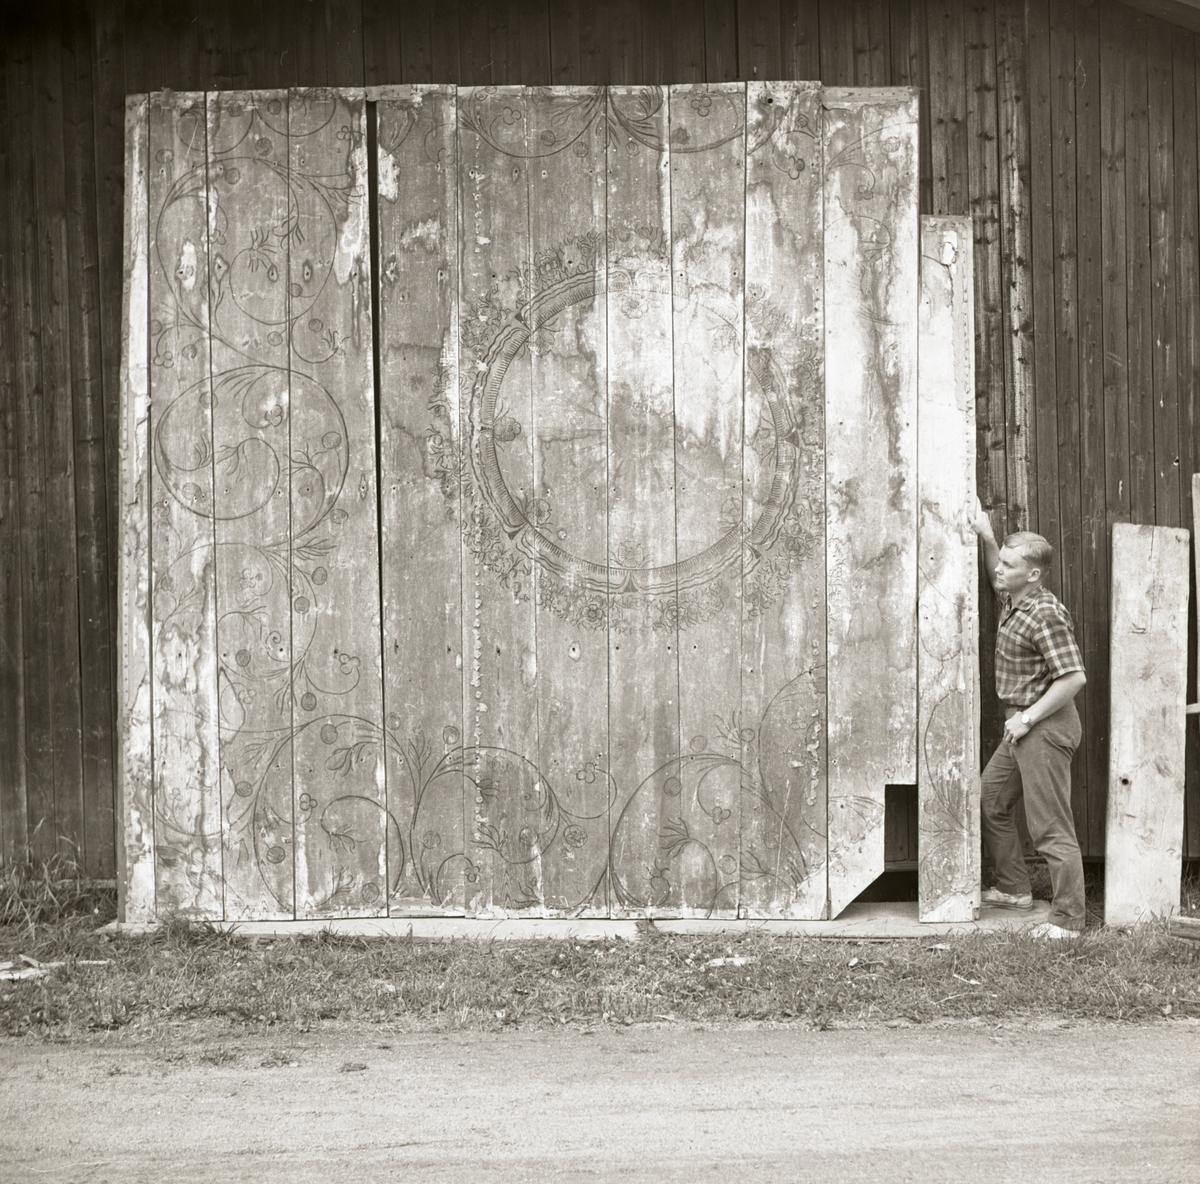 En man står bredvid målade innertaksbrädor vilka är lutade mot en vägg, 1968-1969.